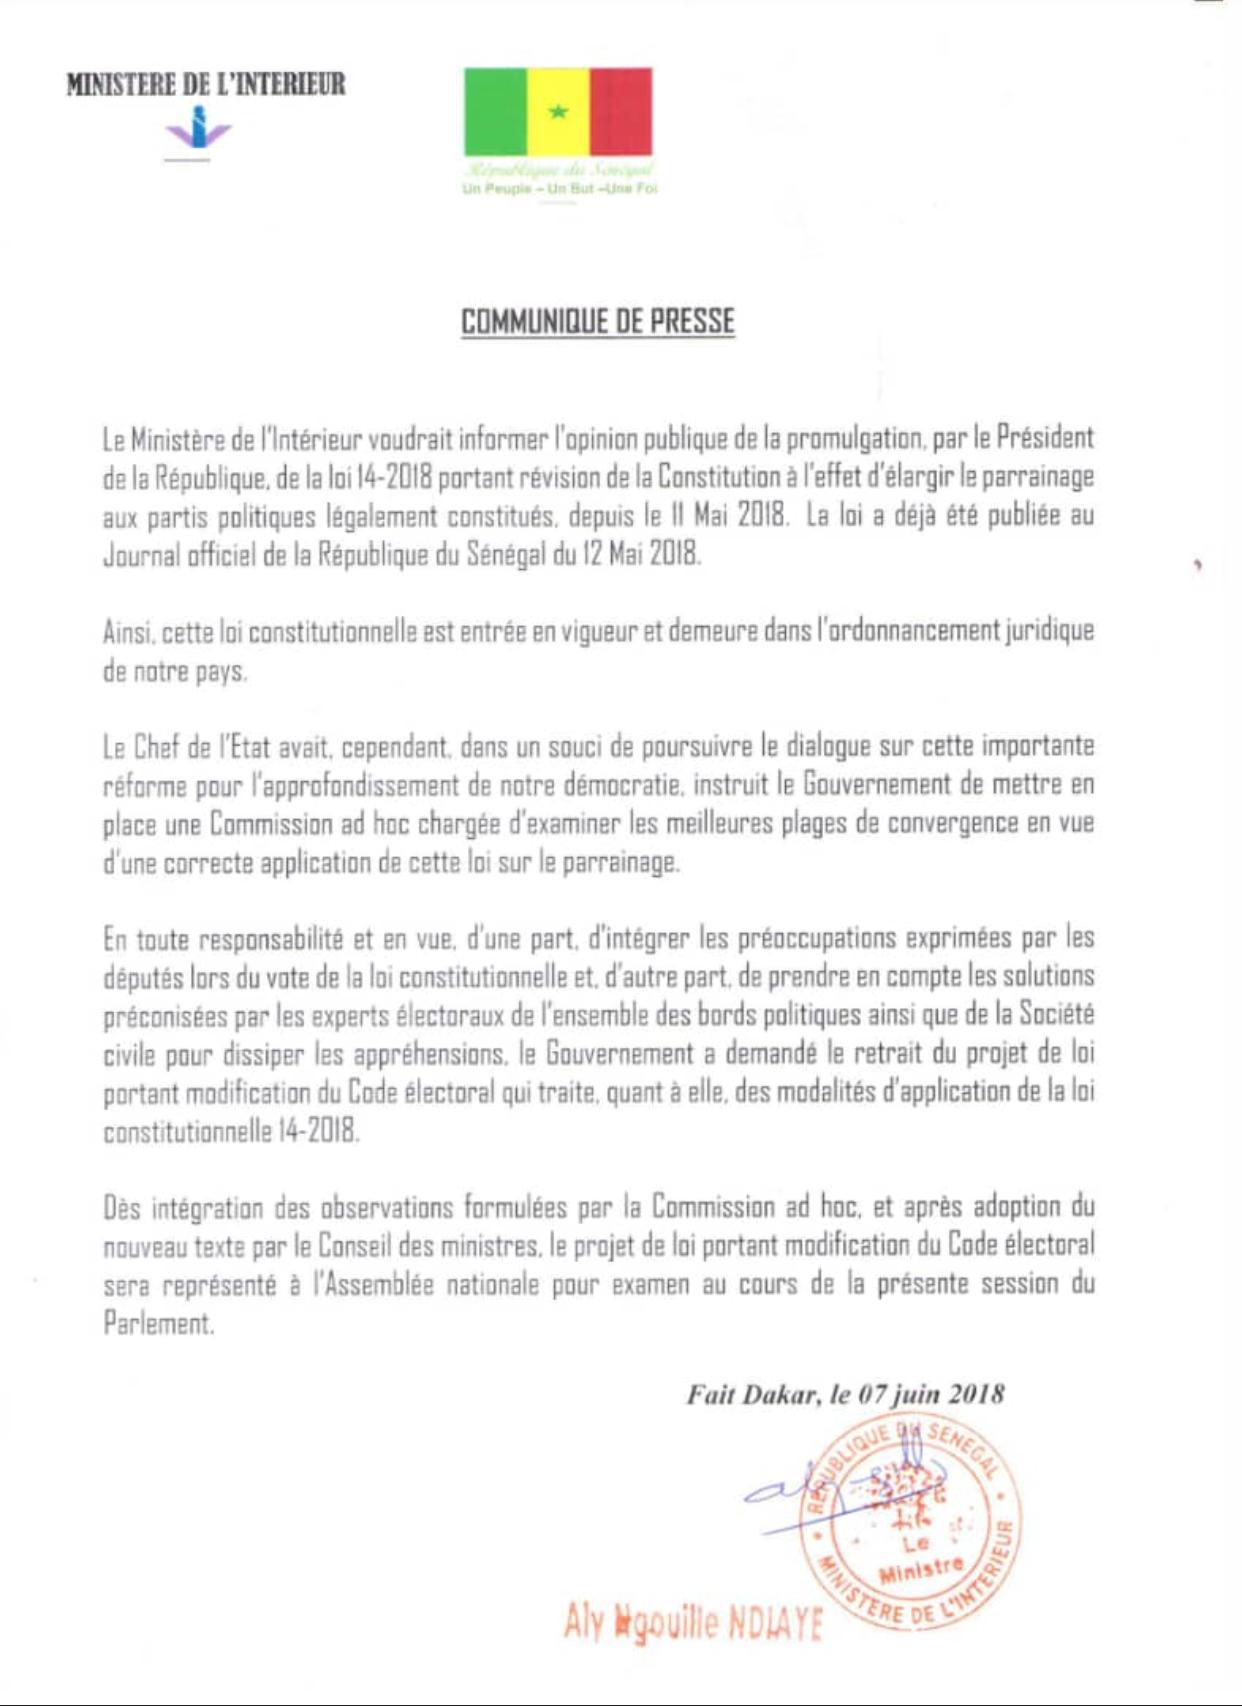 Retrait du projet de loi portant modification du Code électoral : les précisions de Aly Ngouille Ndiaye (officiel)